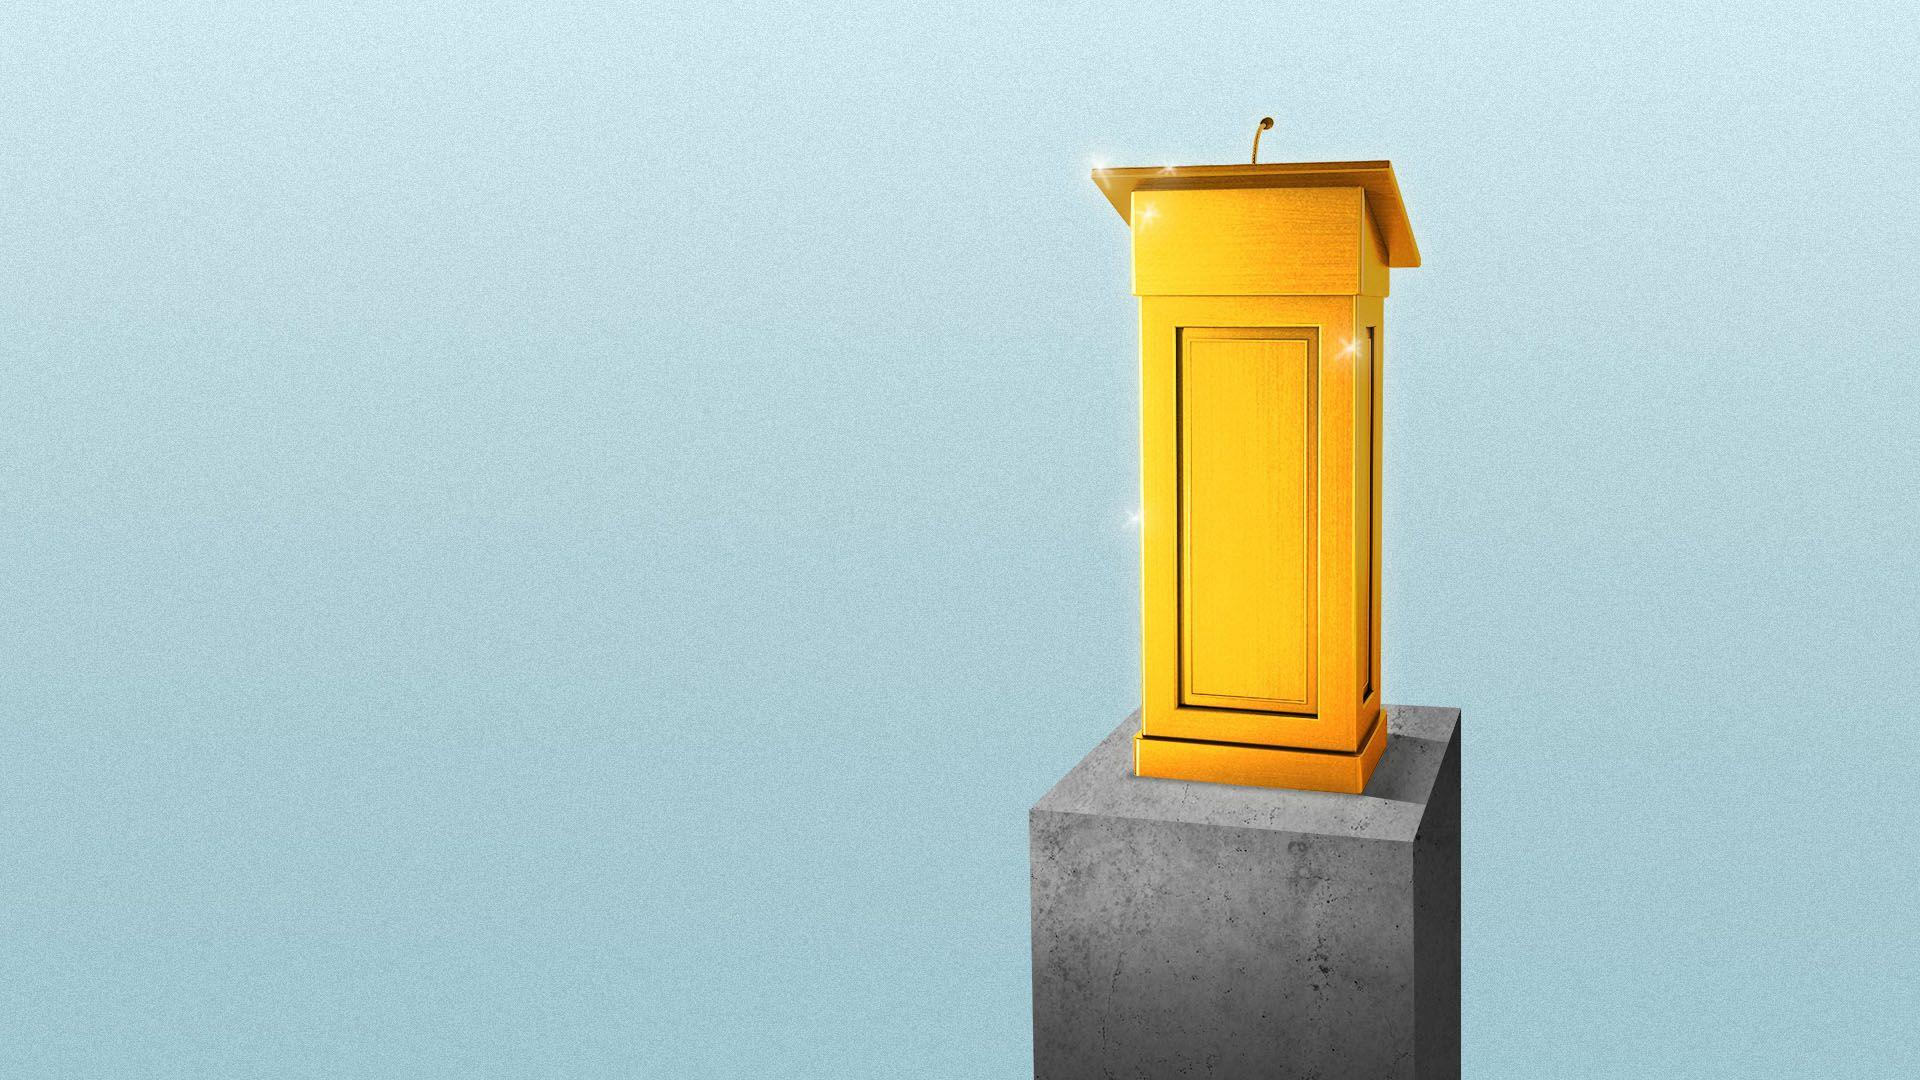 Illustration of a golden podium on a pedestal